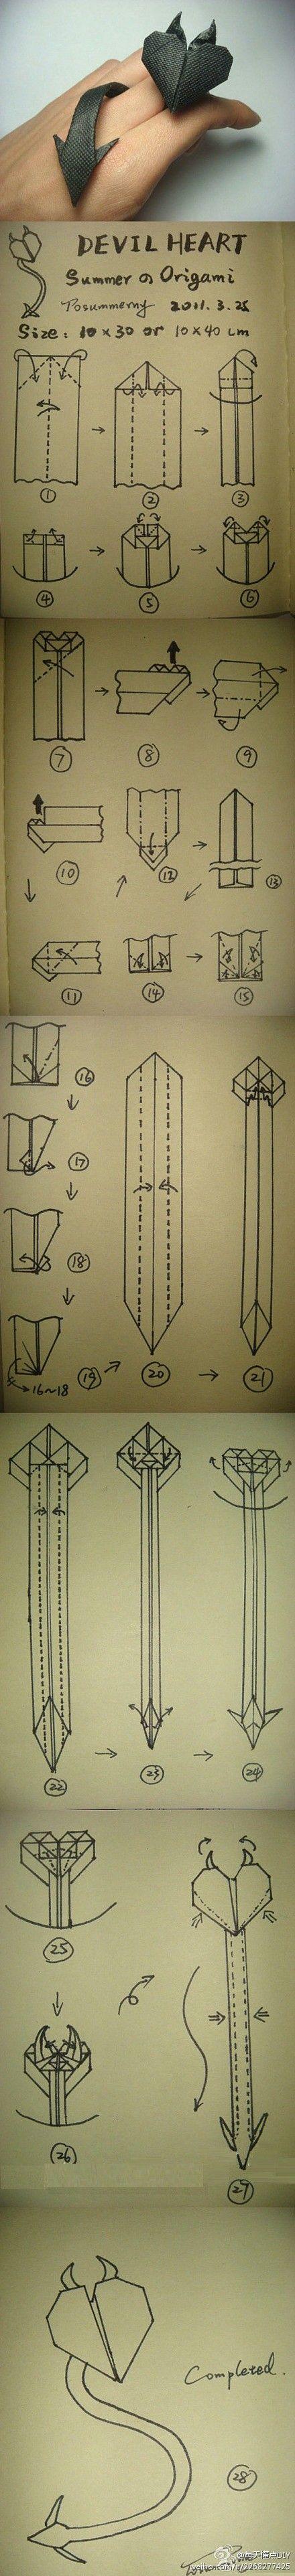 The demons of heart origami - satan devil paper heart art